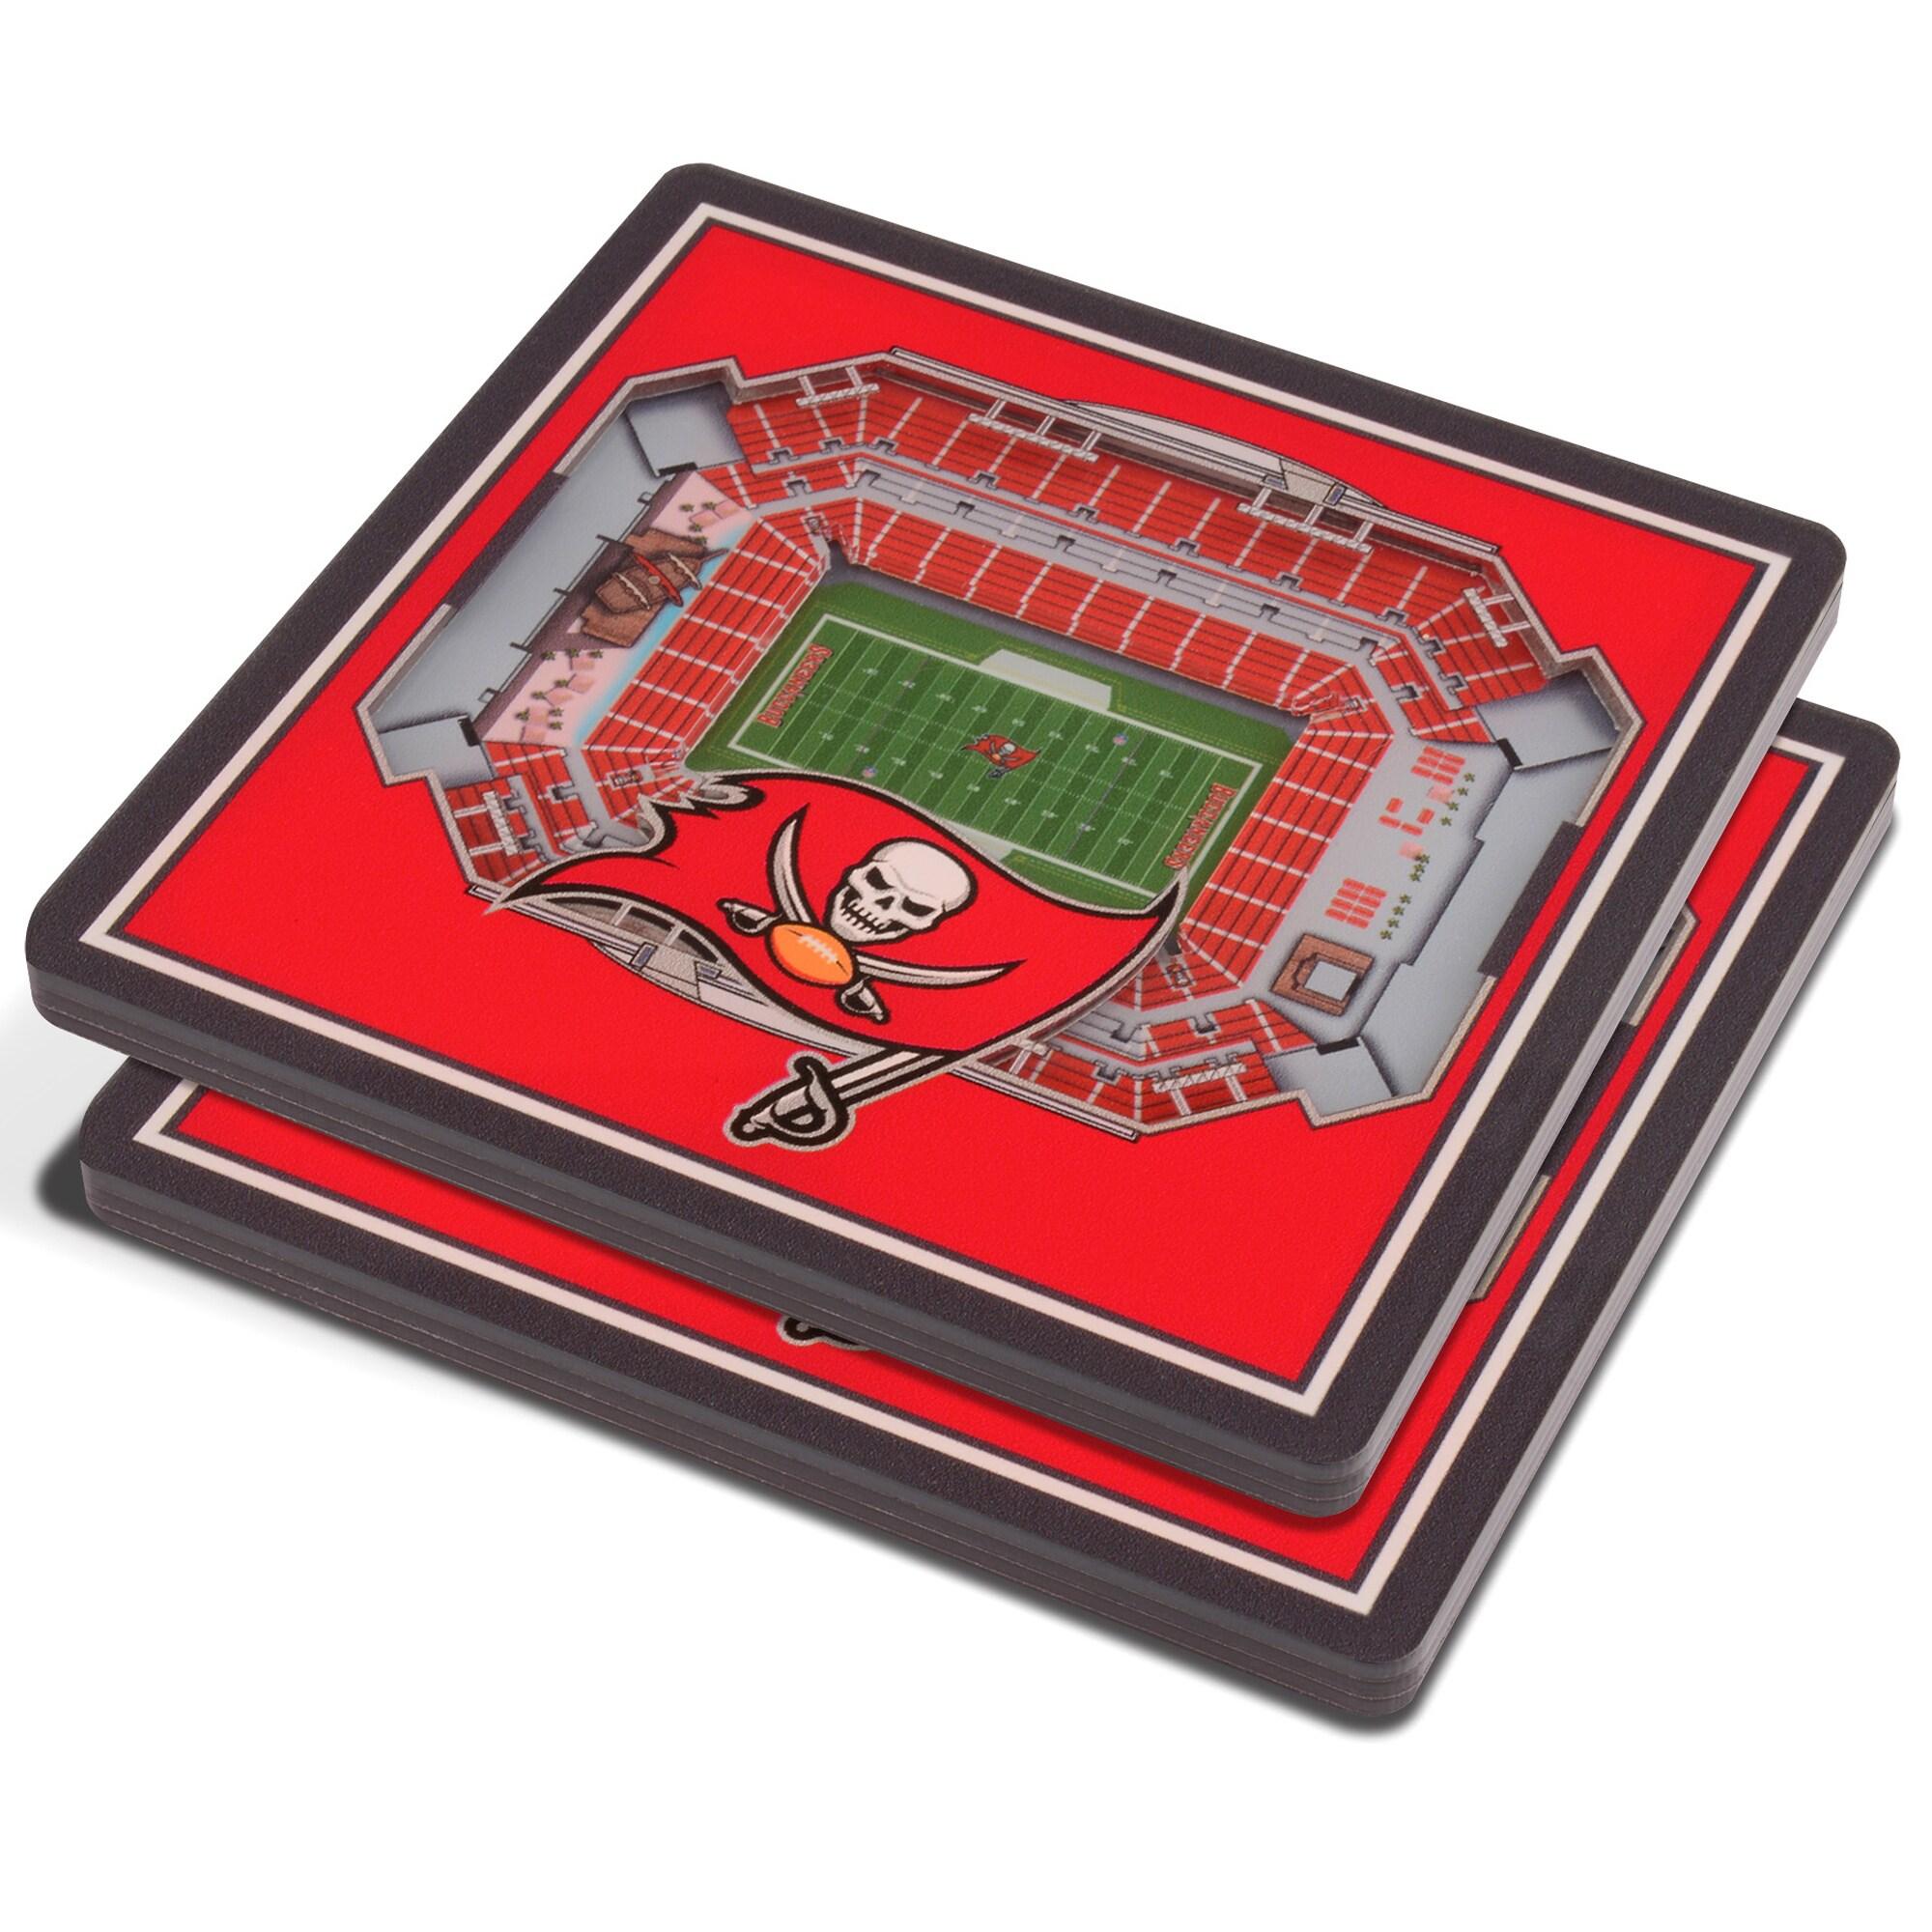 Tampa Bay Buccaneers 3D StadiumViews Coasters - Red